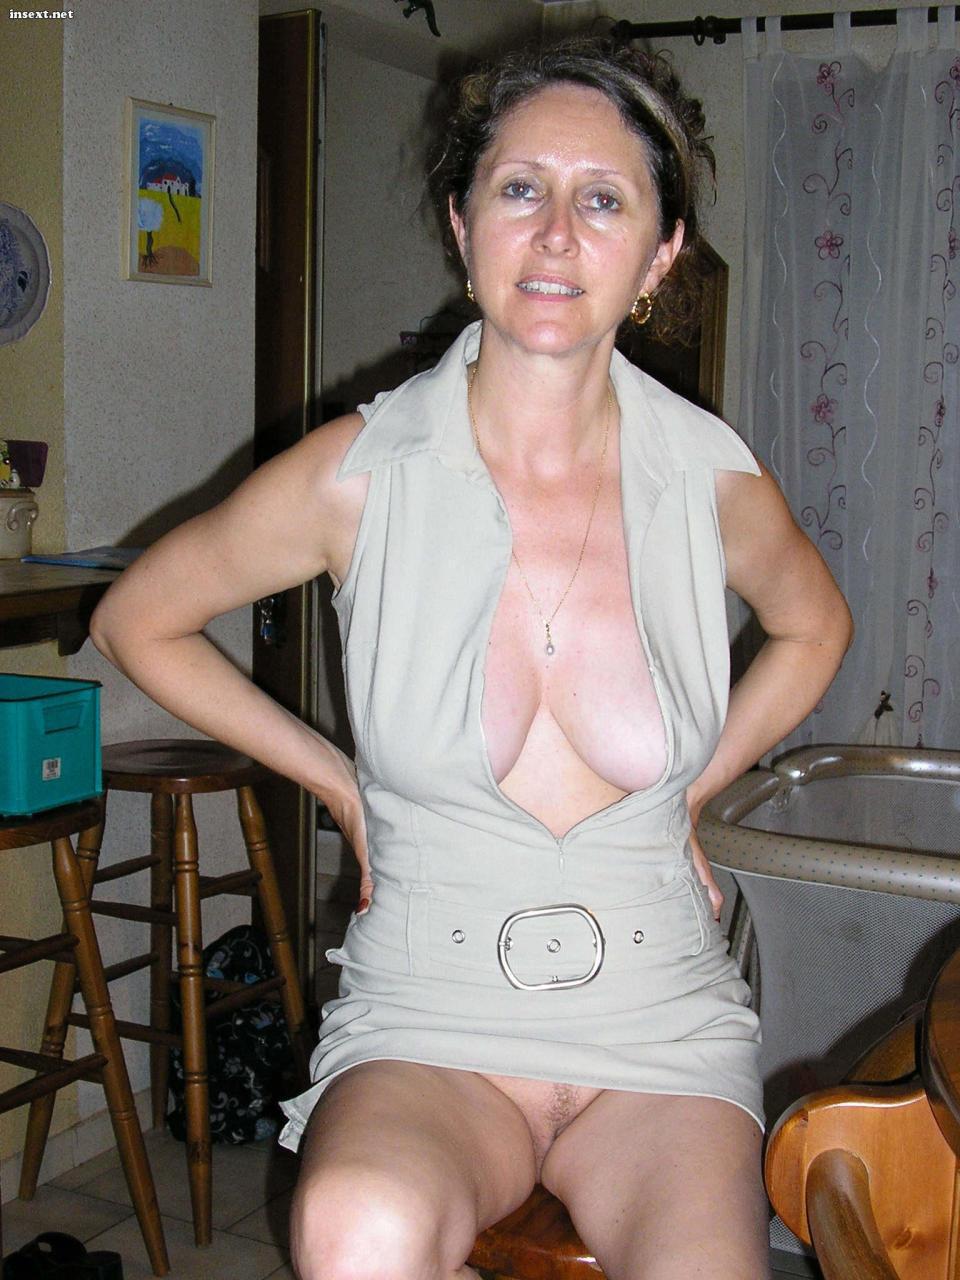 3 Moms Porno mature moms amateru - porno top archive site. comments: 3